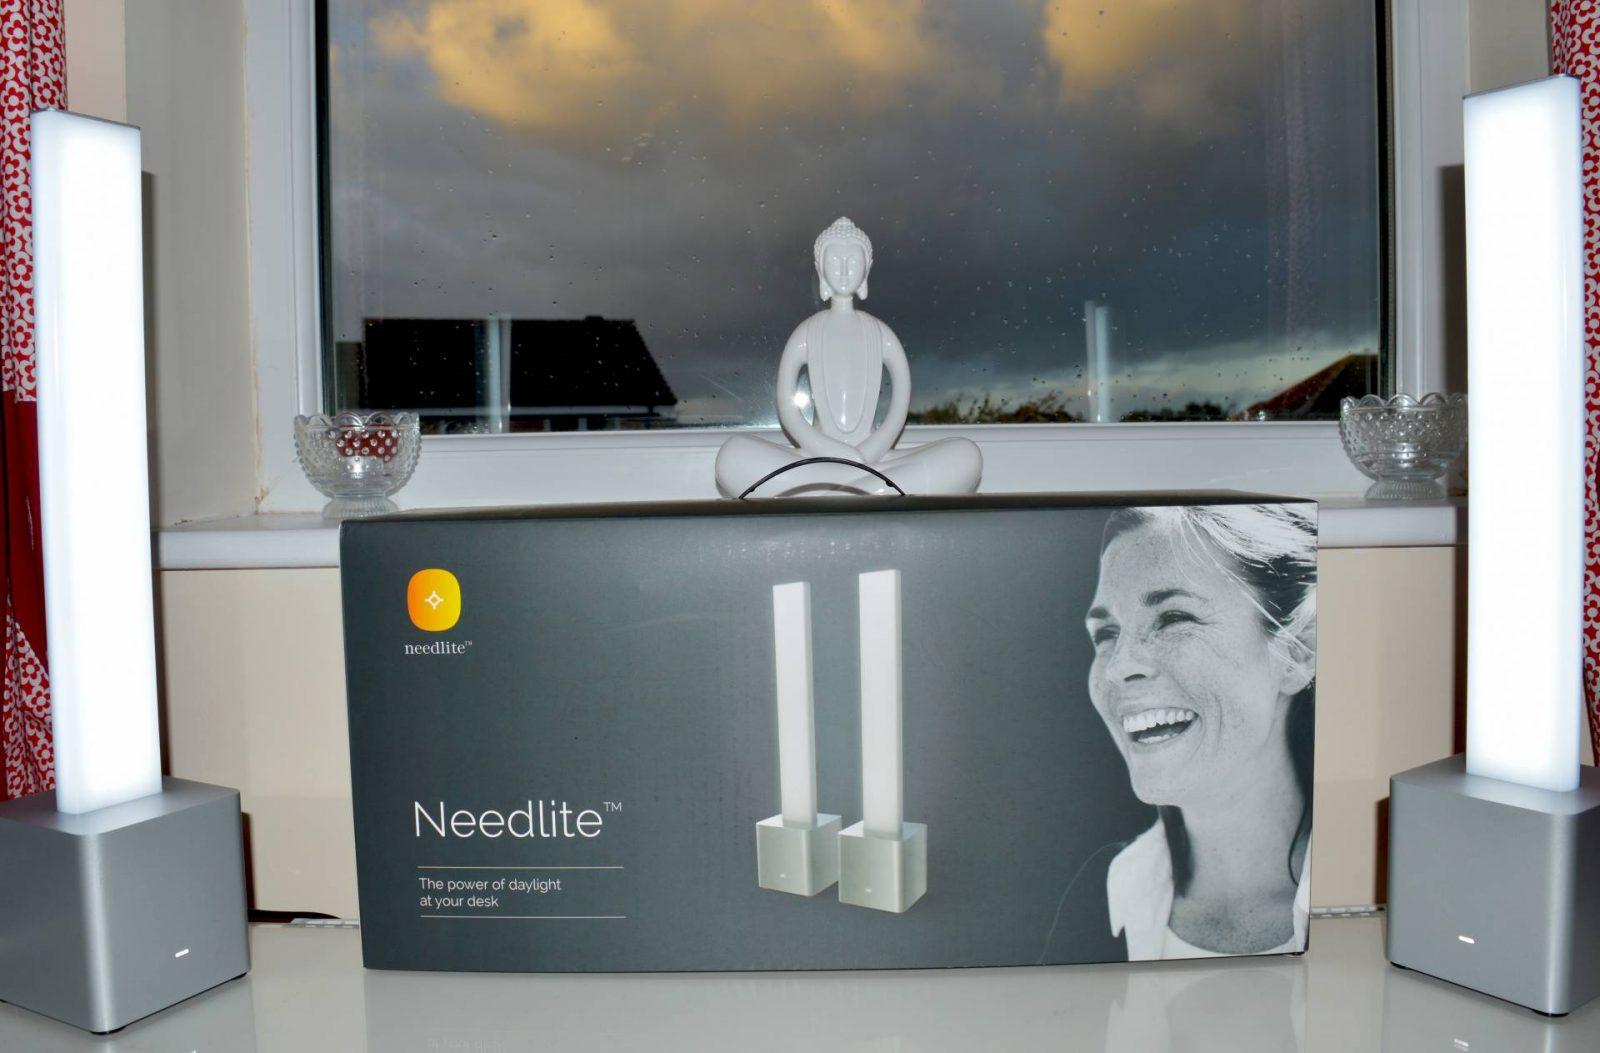 Needlite daylight desk lamps